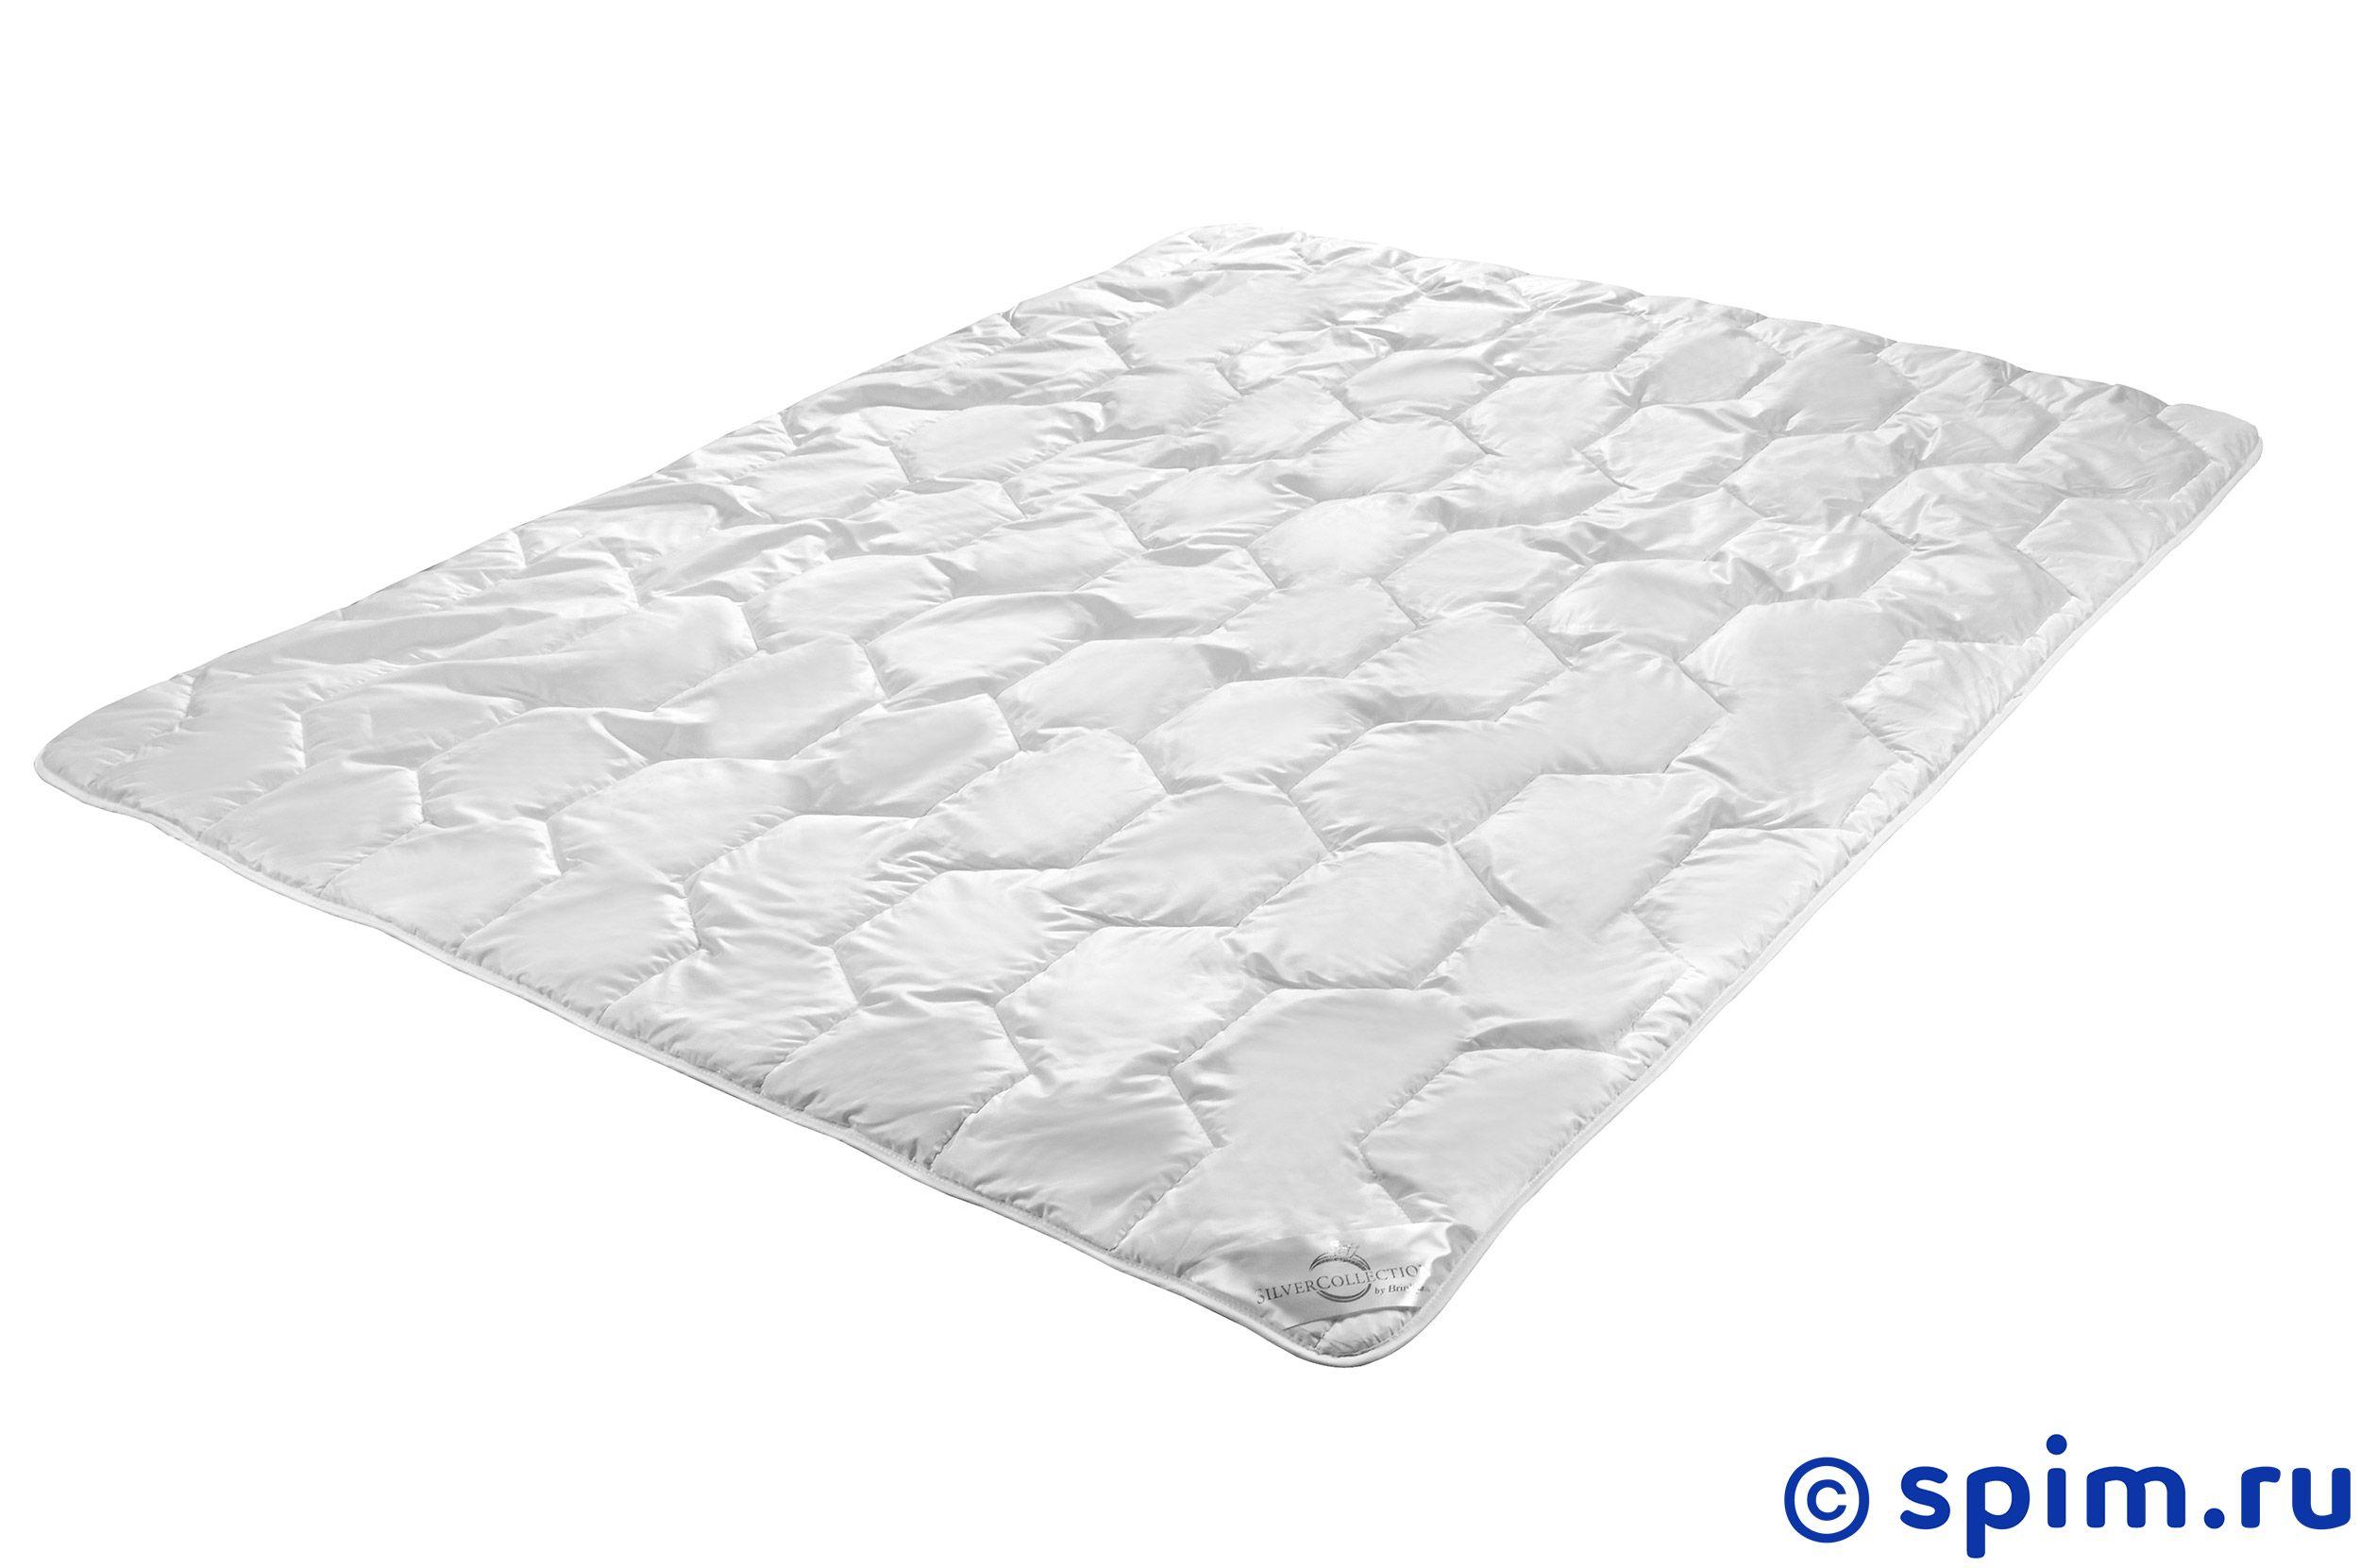 Одеяло Brinkhaus Lama Duo, теплое 200х200 см